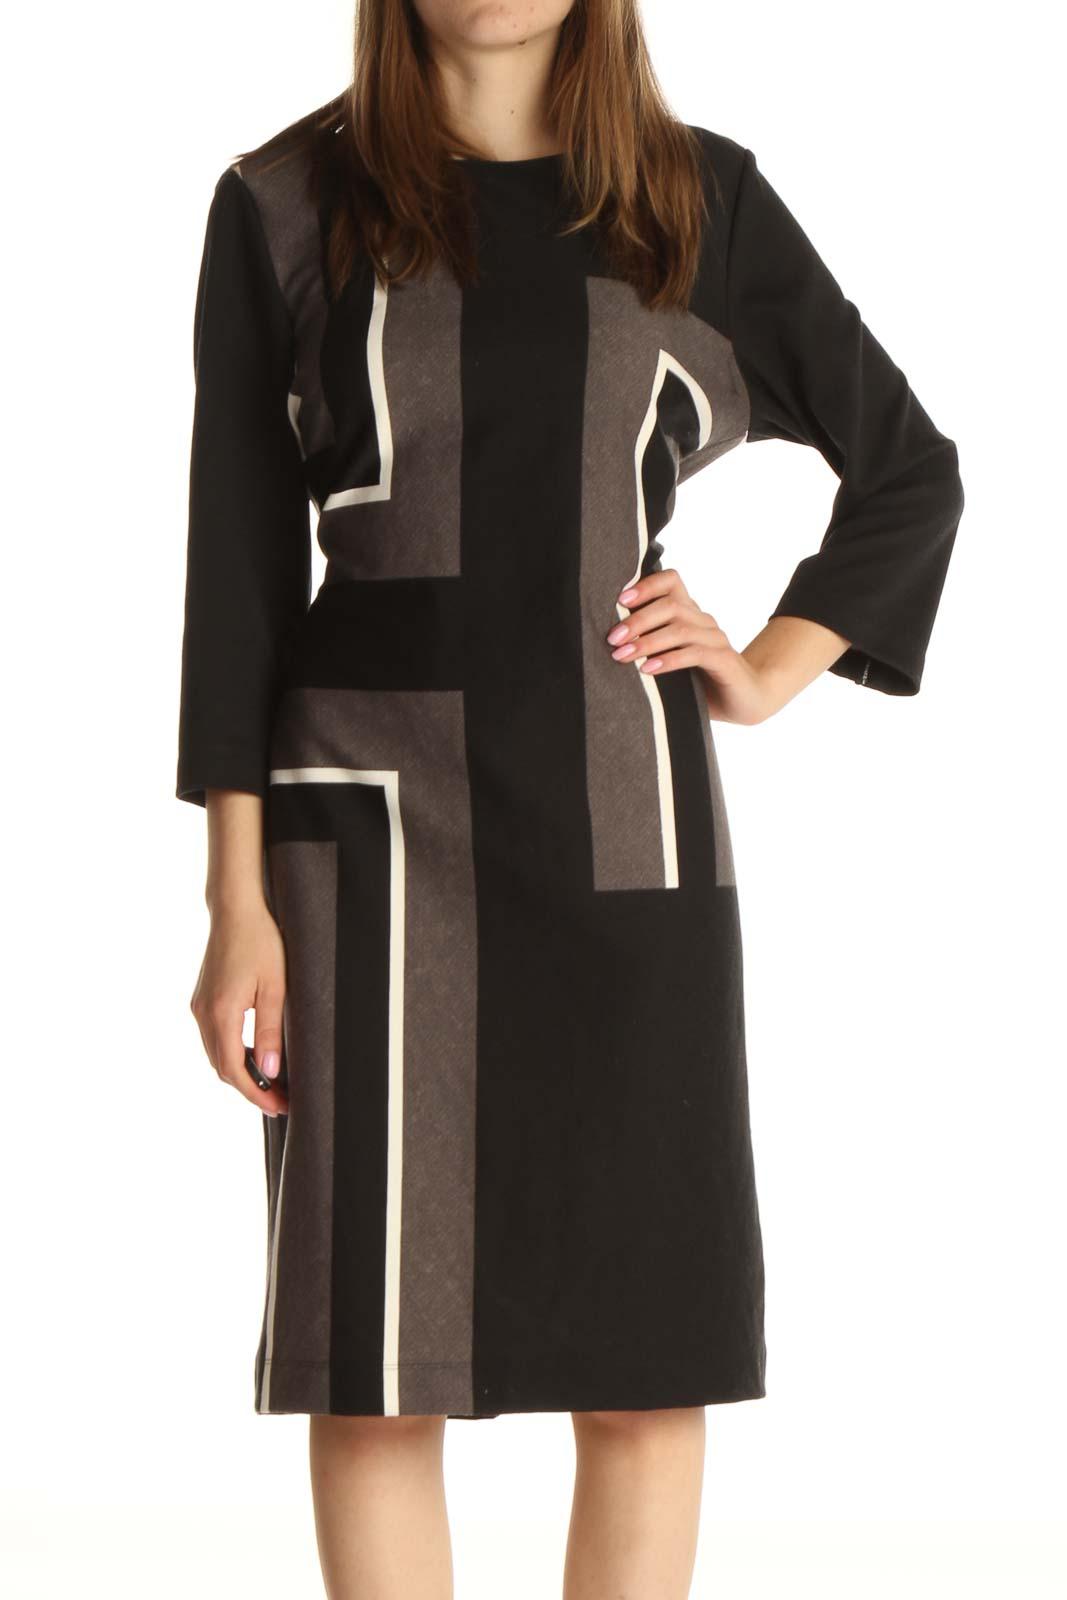 Black Solid Work Column Dress Front